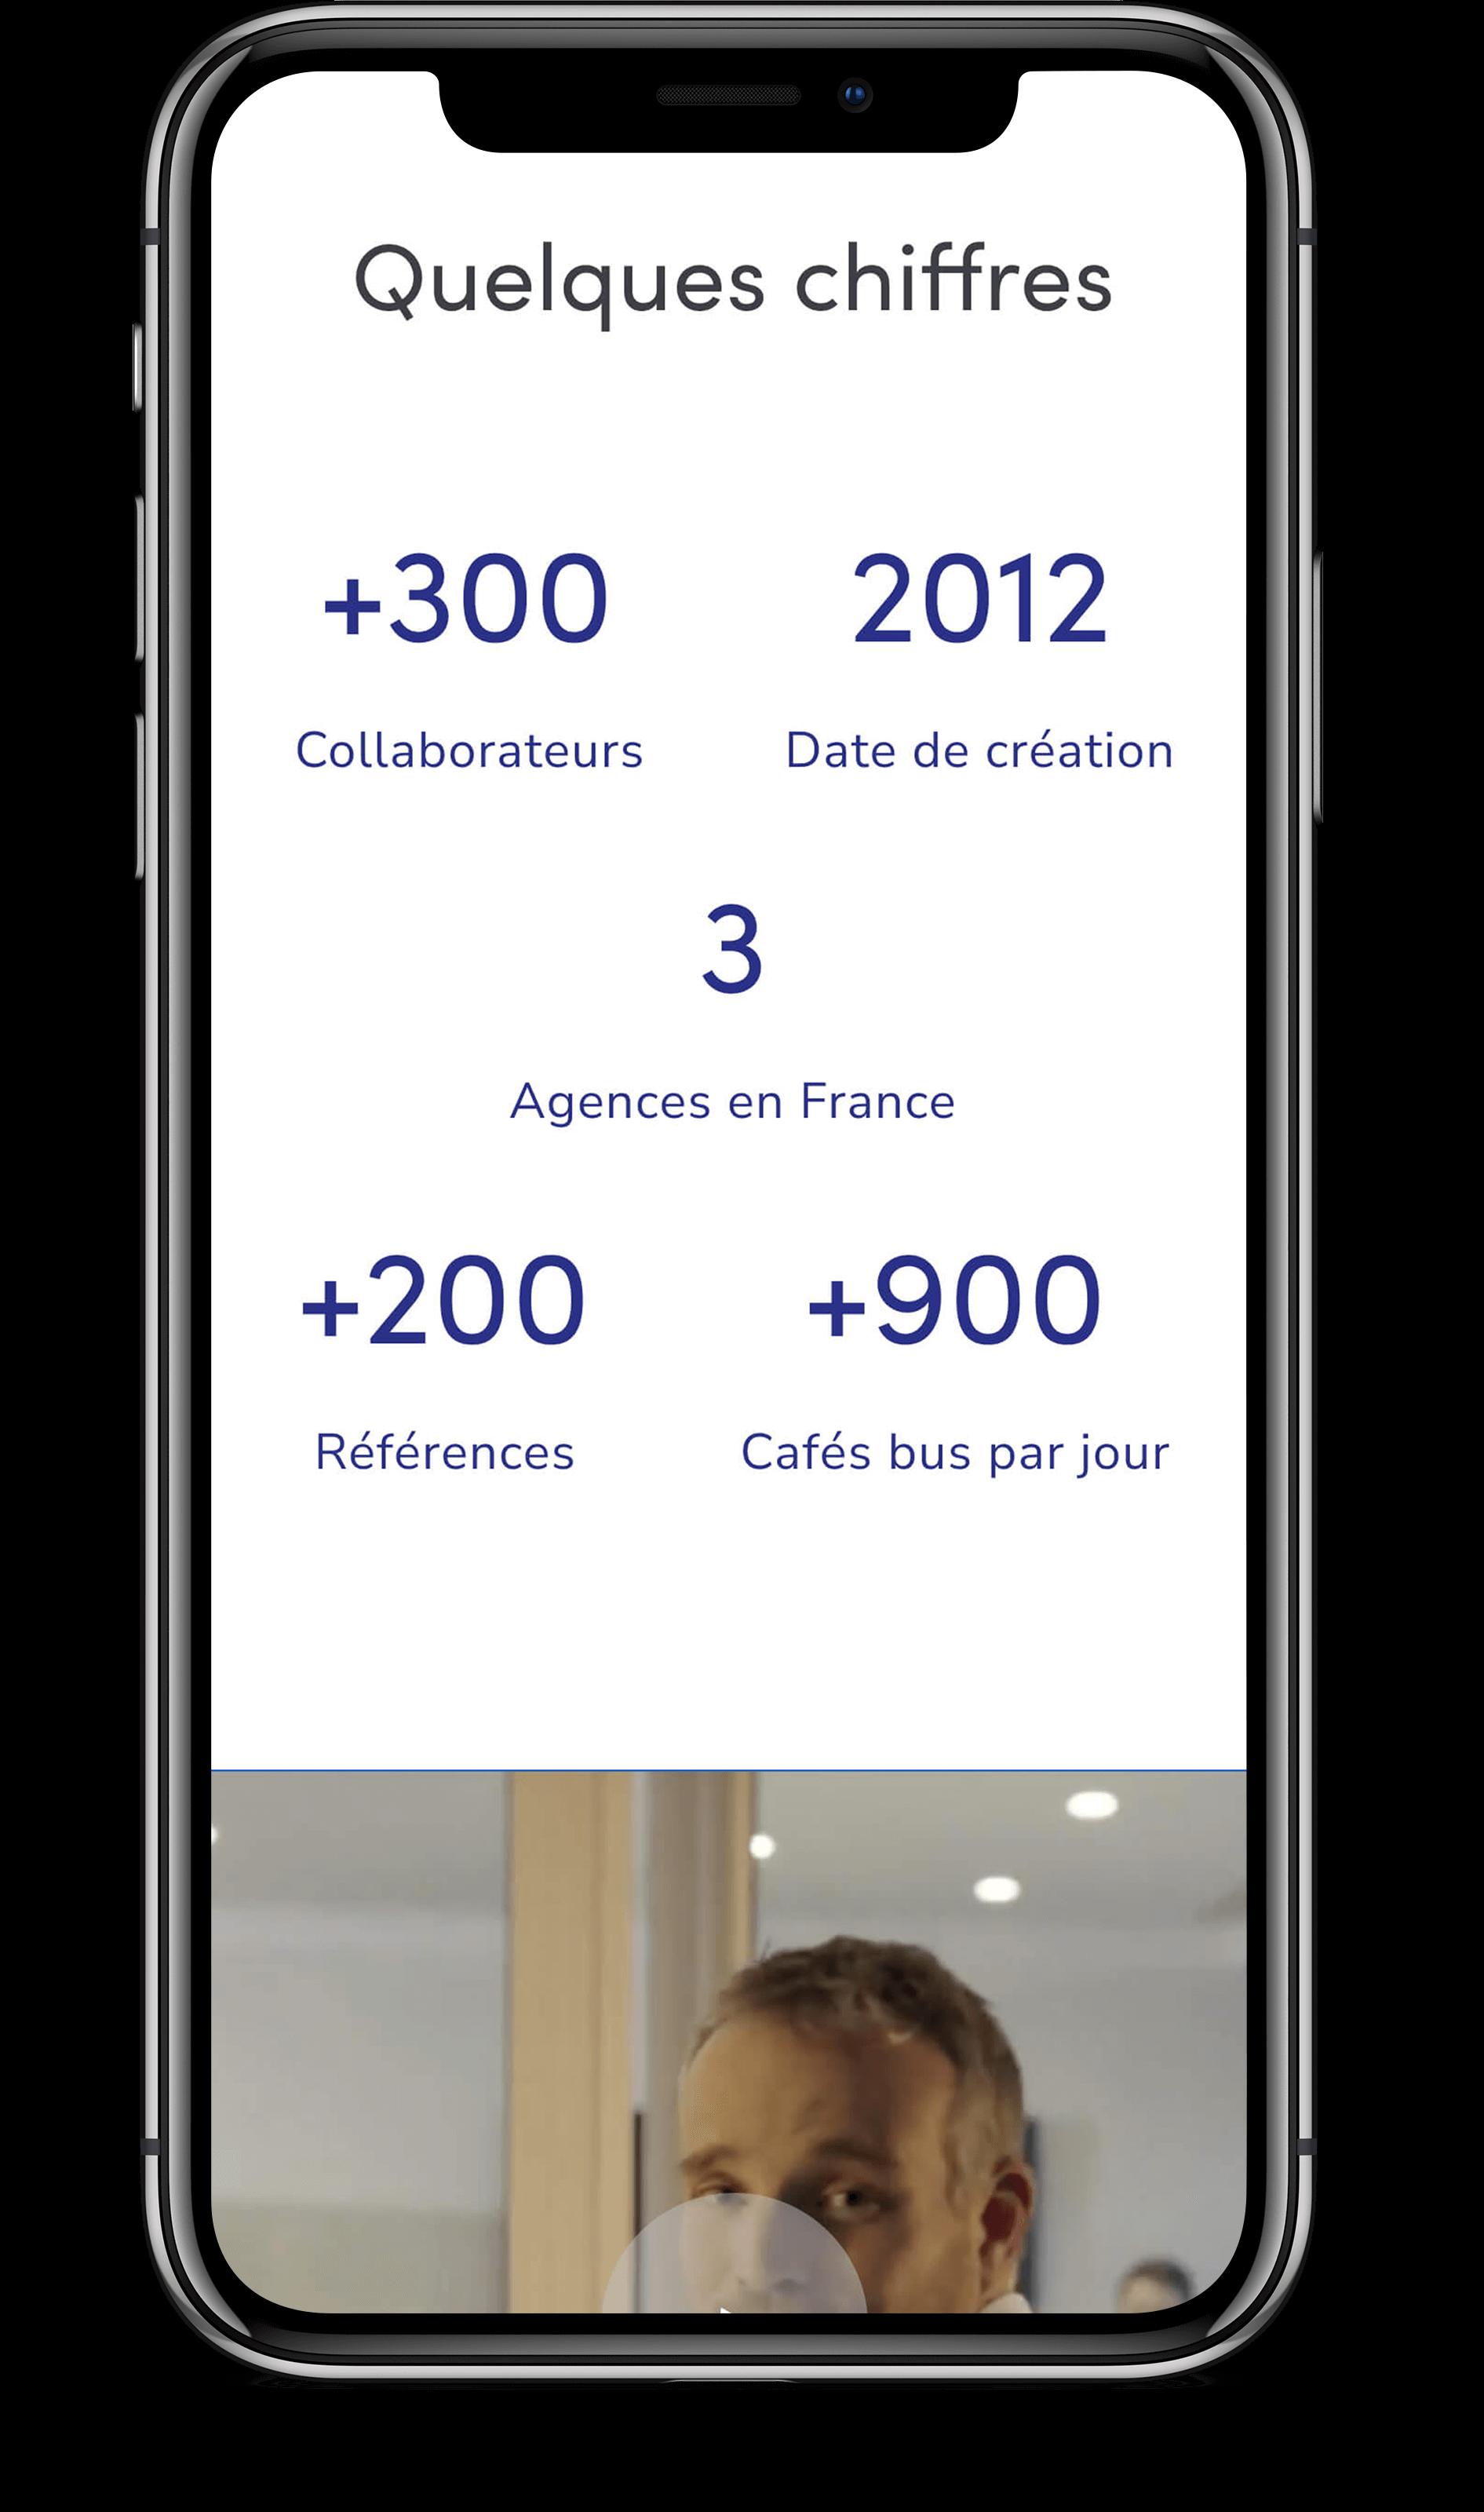 Écran mobile qui présente les chiffres clés de l'agence Amiltone